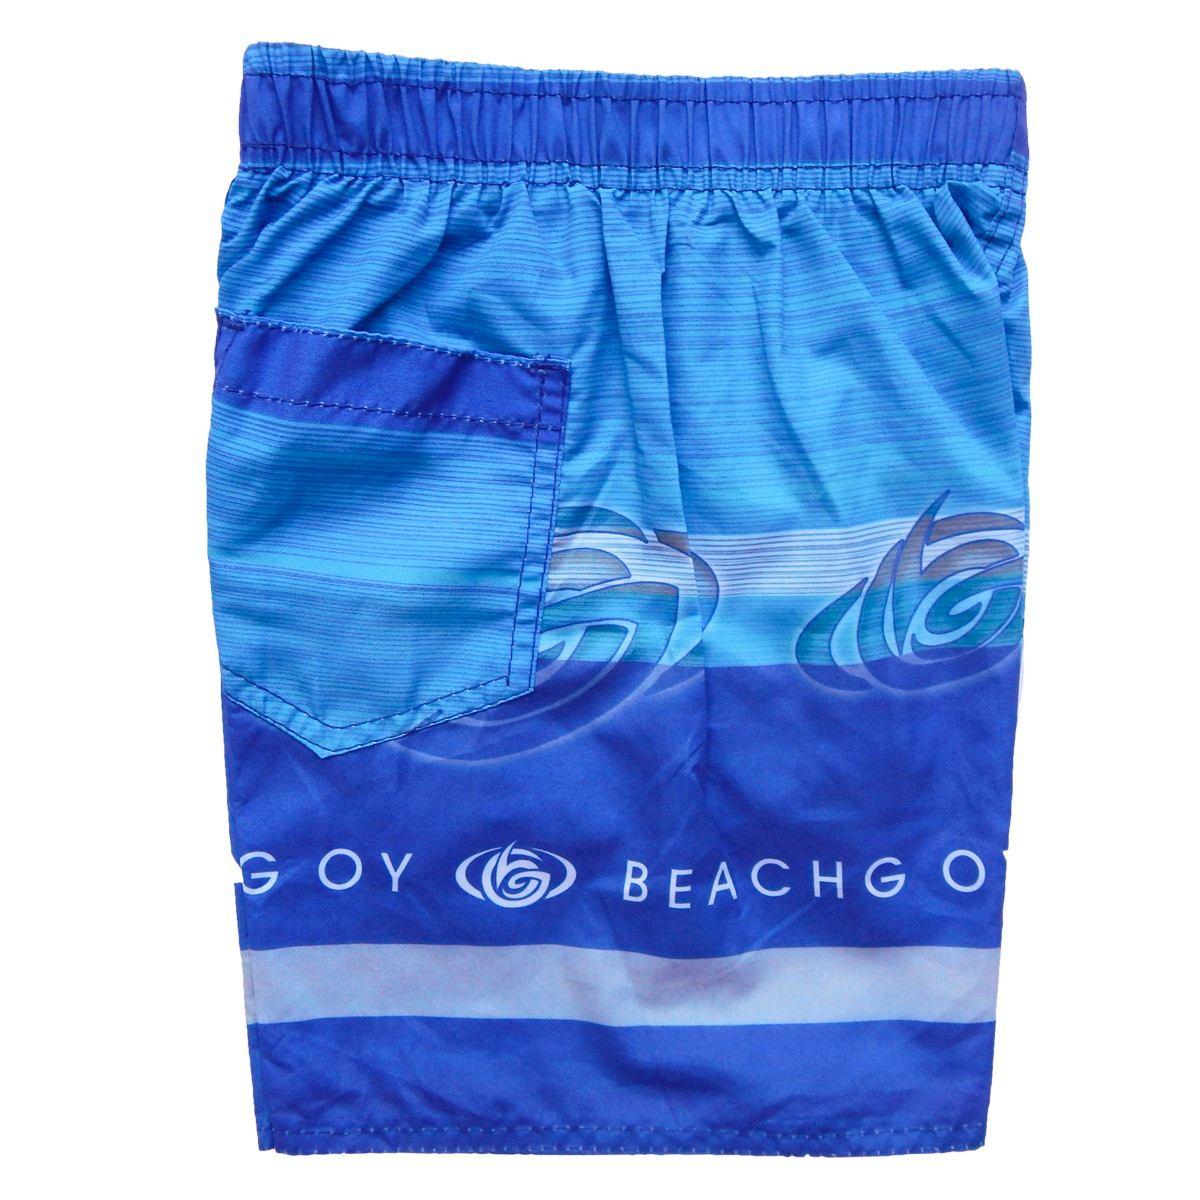 77fb757da9 kit 12 bermuda calção short infantil masculino praia atacado. Carregando  zoom.